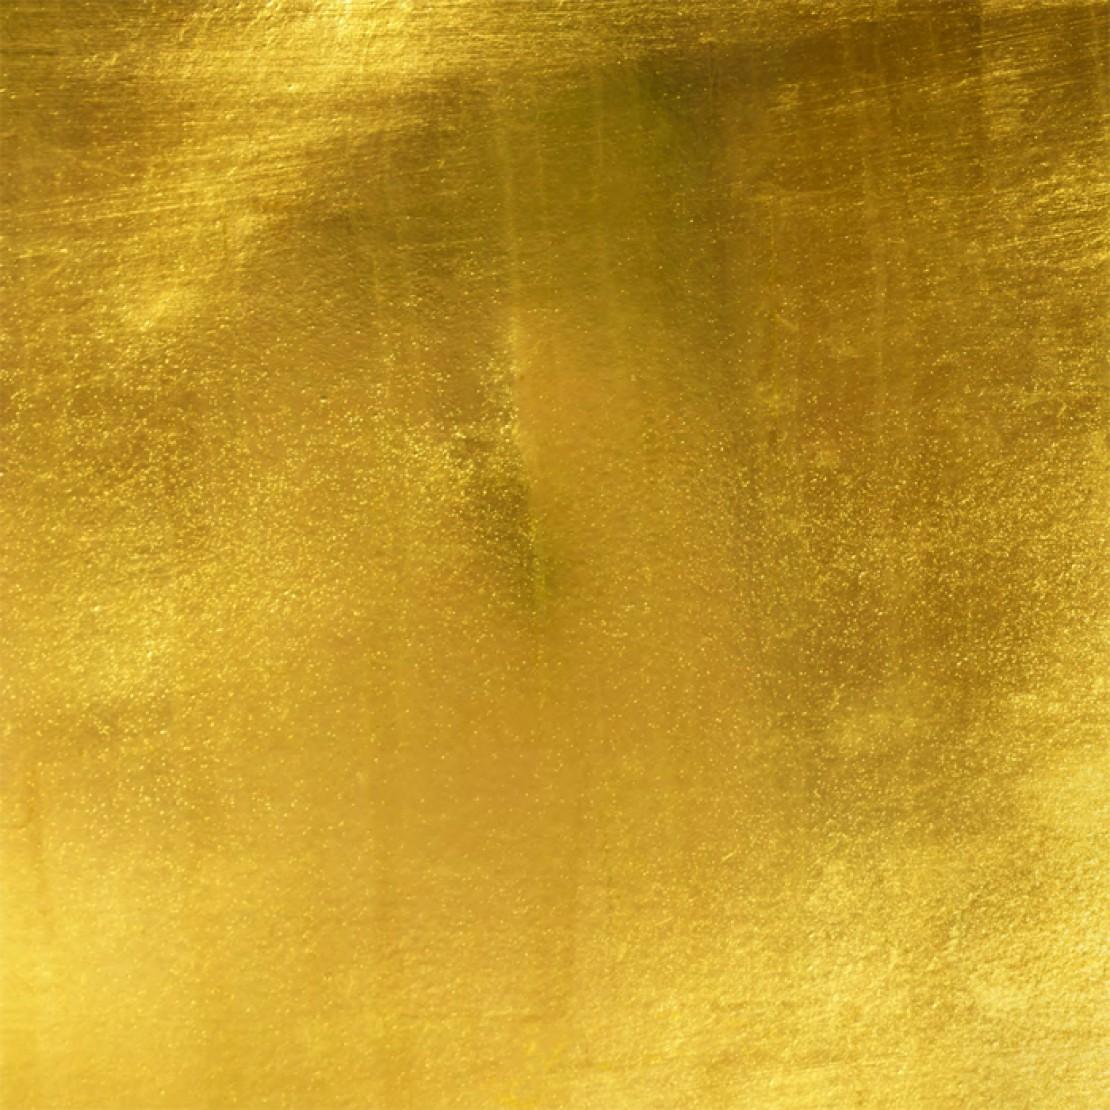 Goldfläche